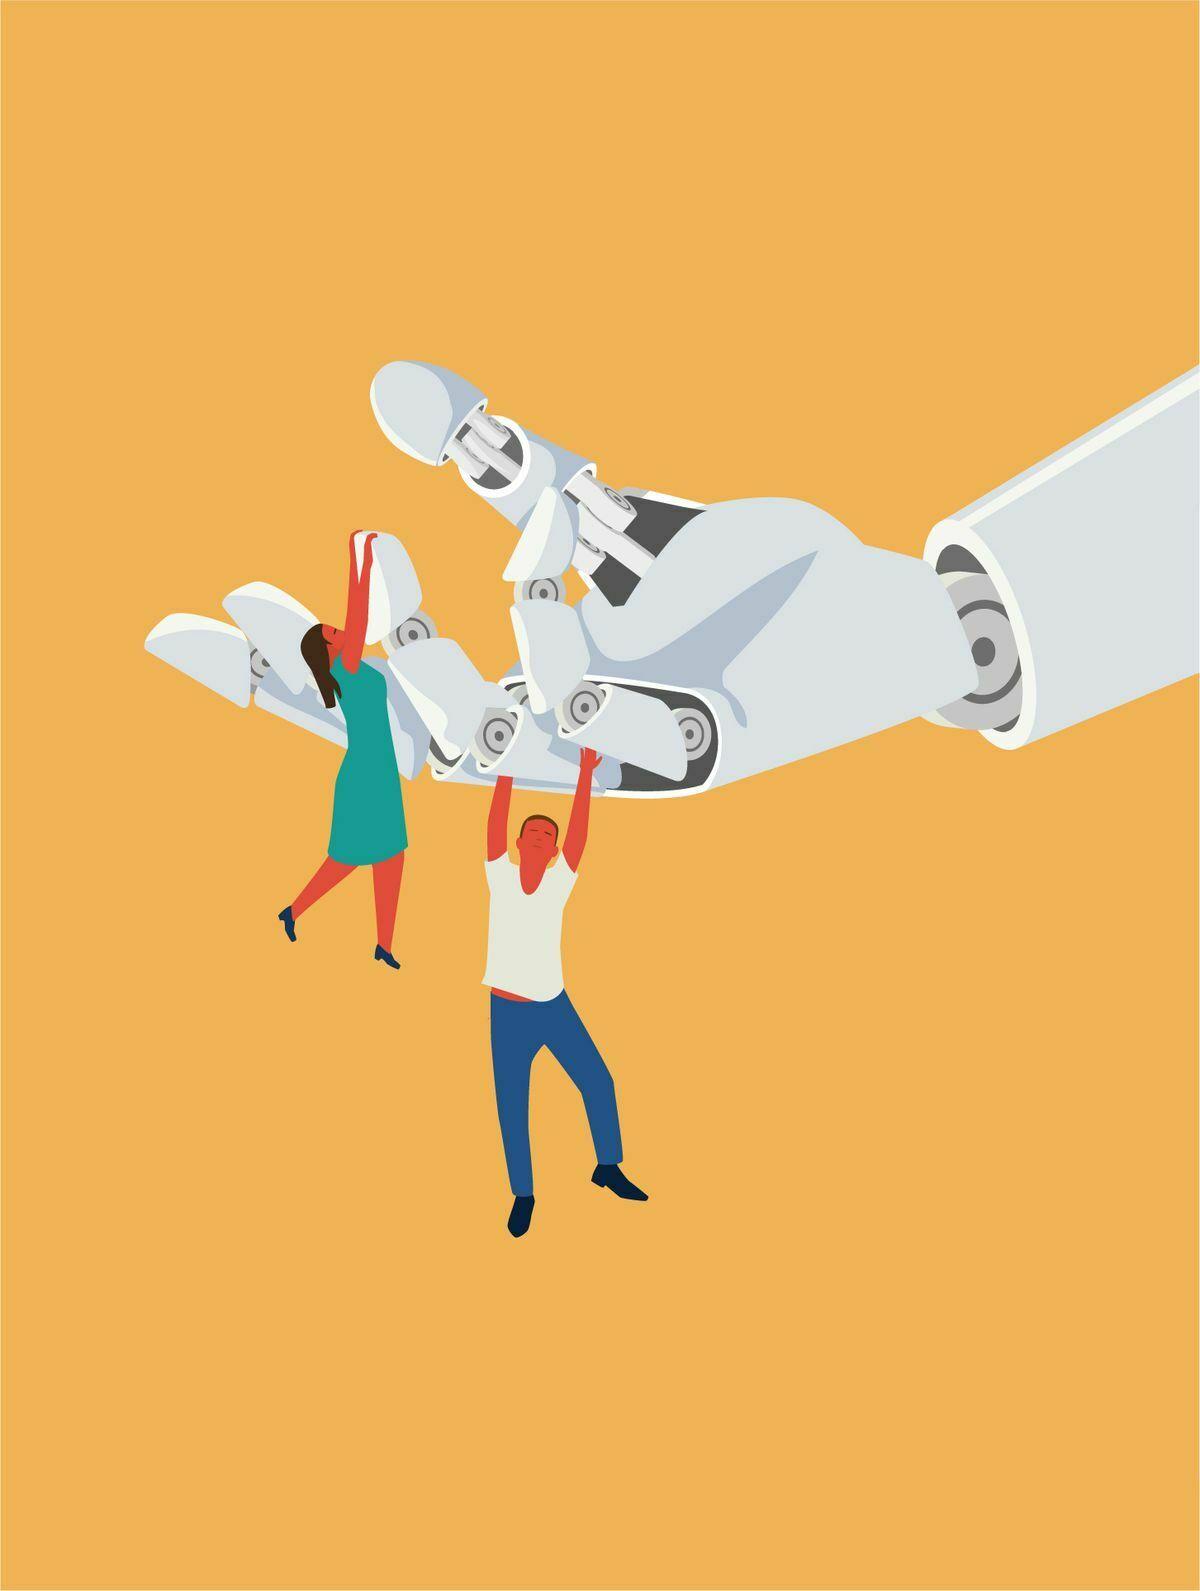 Máquinas: robots y trabajos en países en desarrollo  Negocio